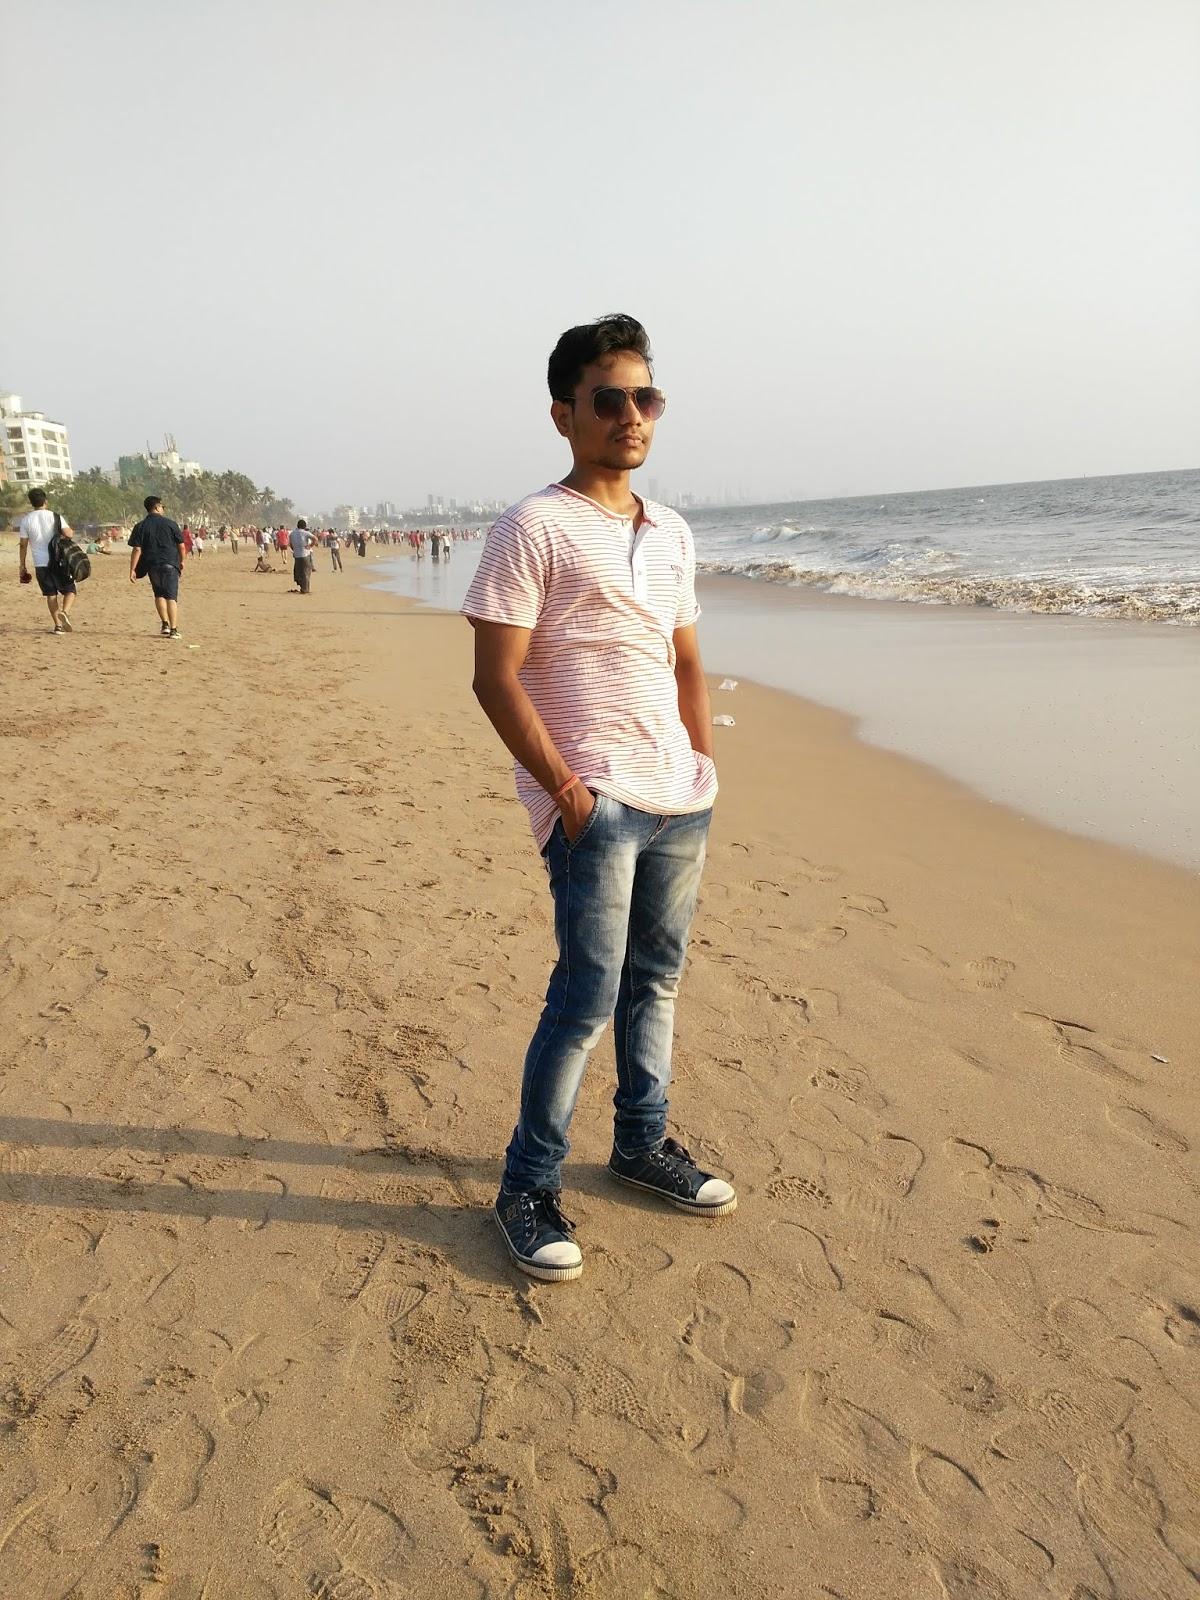 rahul vishwakarma name